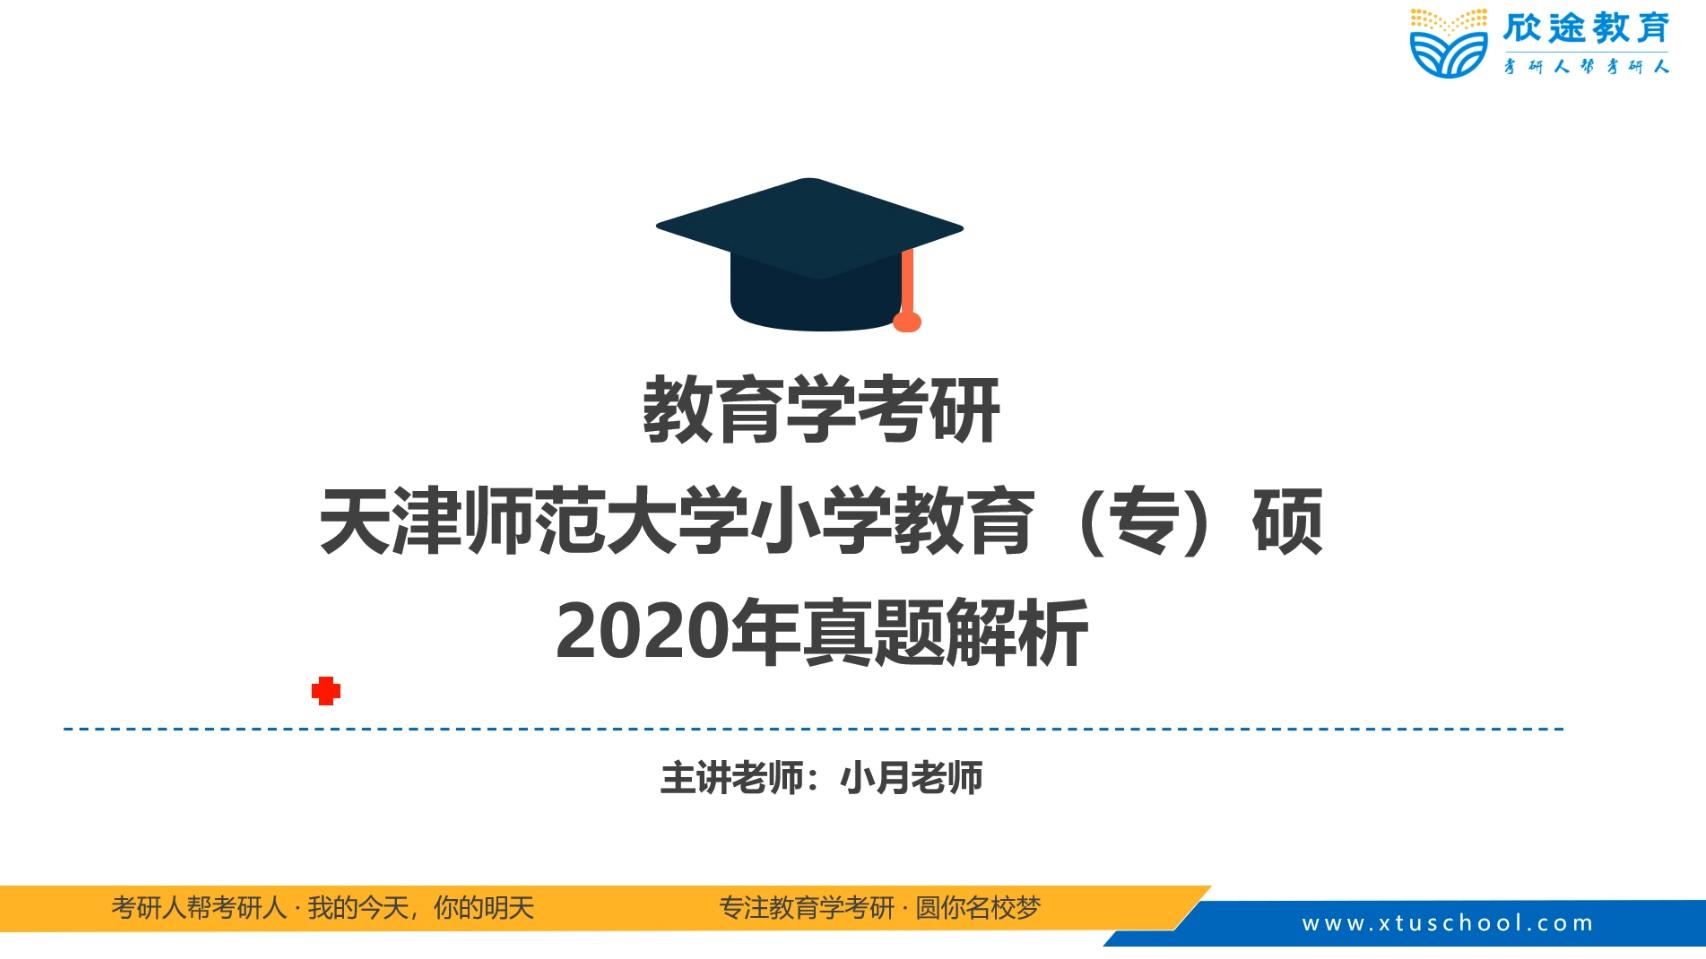 【2021教育学考研】天津师范大学(小学教育)冲刺真题解析试听课